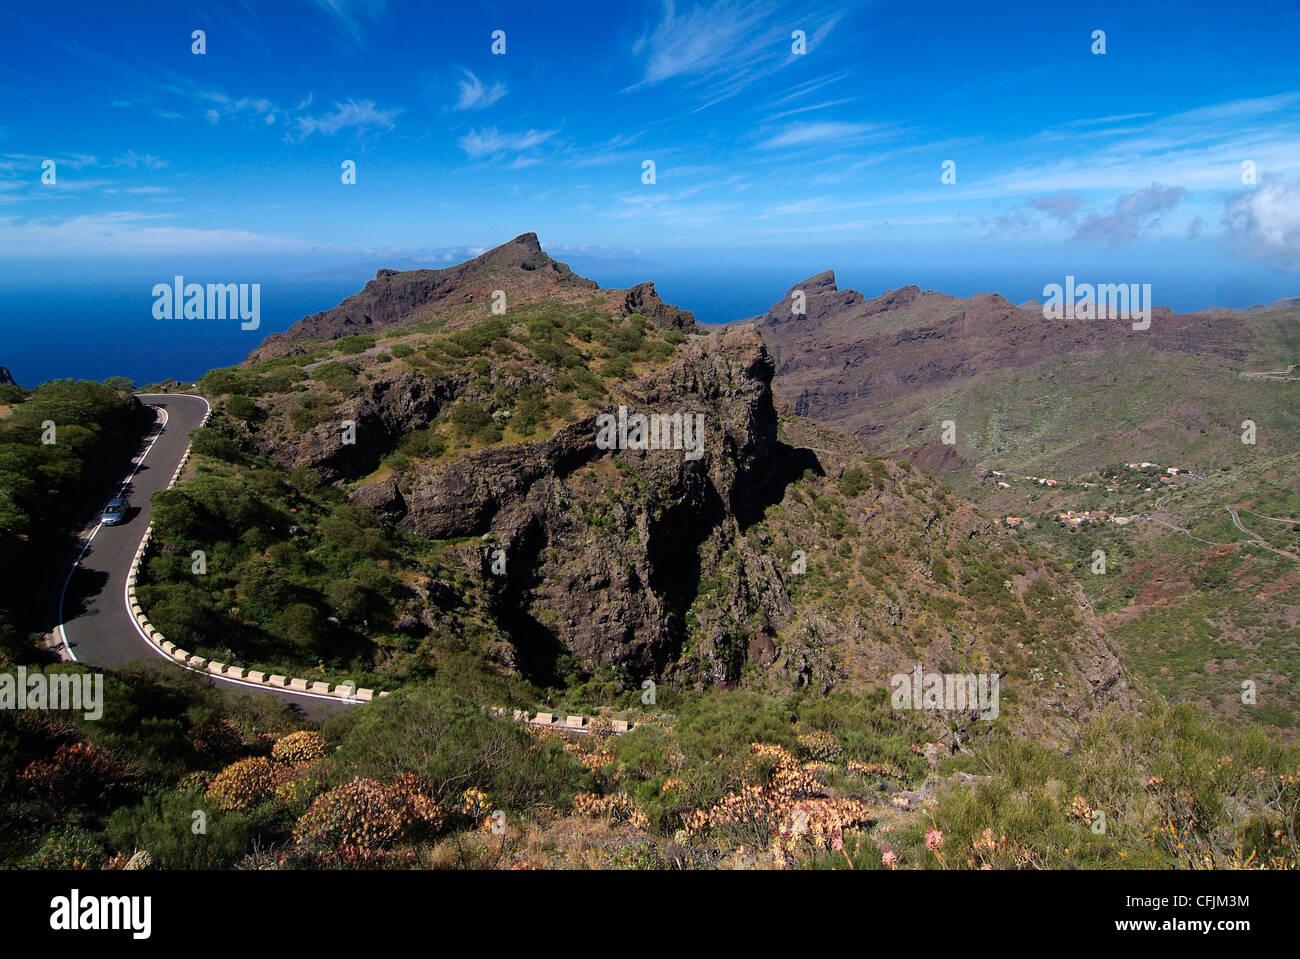 Masca, Teno-Gebirge, Teneriffa, Kanarische Inseln, Spanien, Europa Stockbild